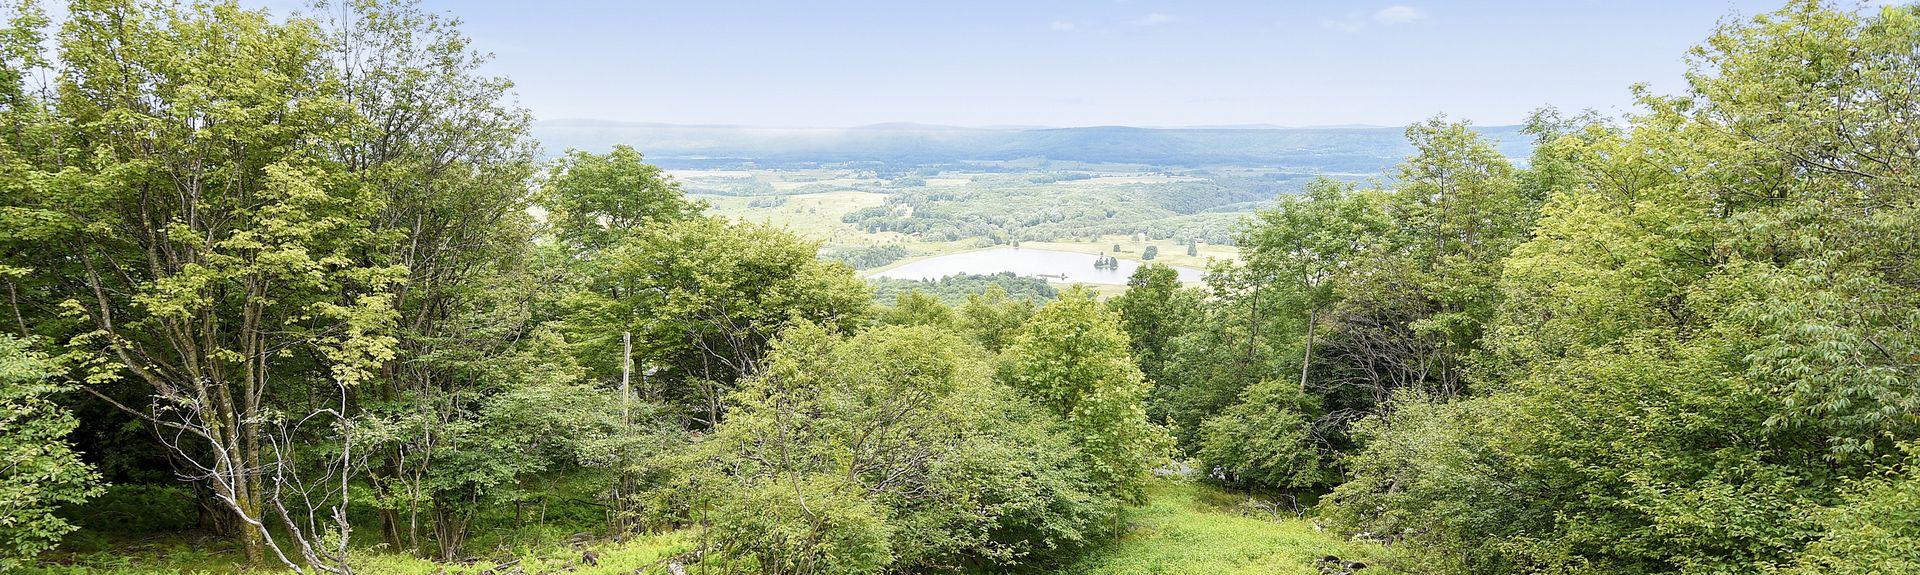 Seneca Rocks, Virginie-Occidentale, États-Unis d'Amérique